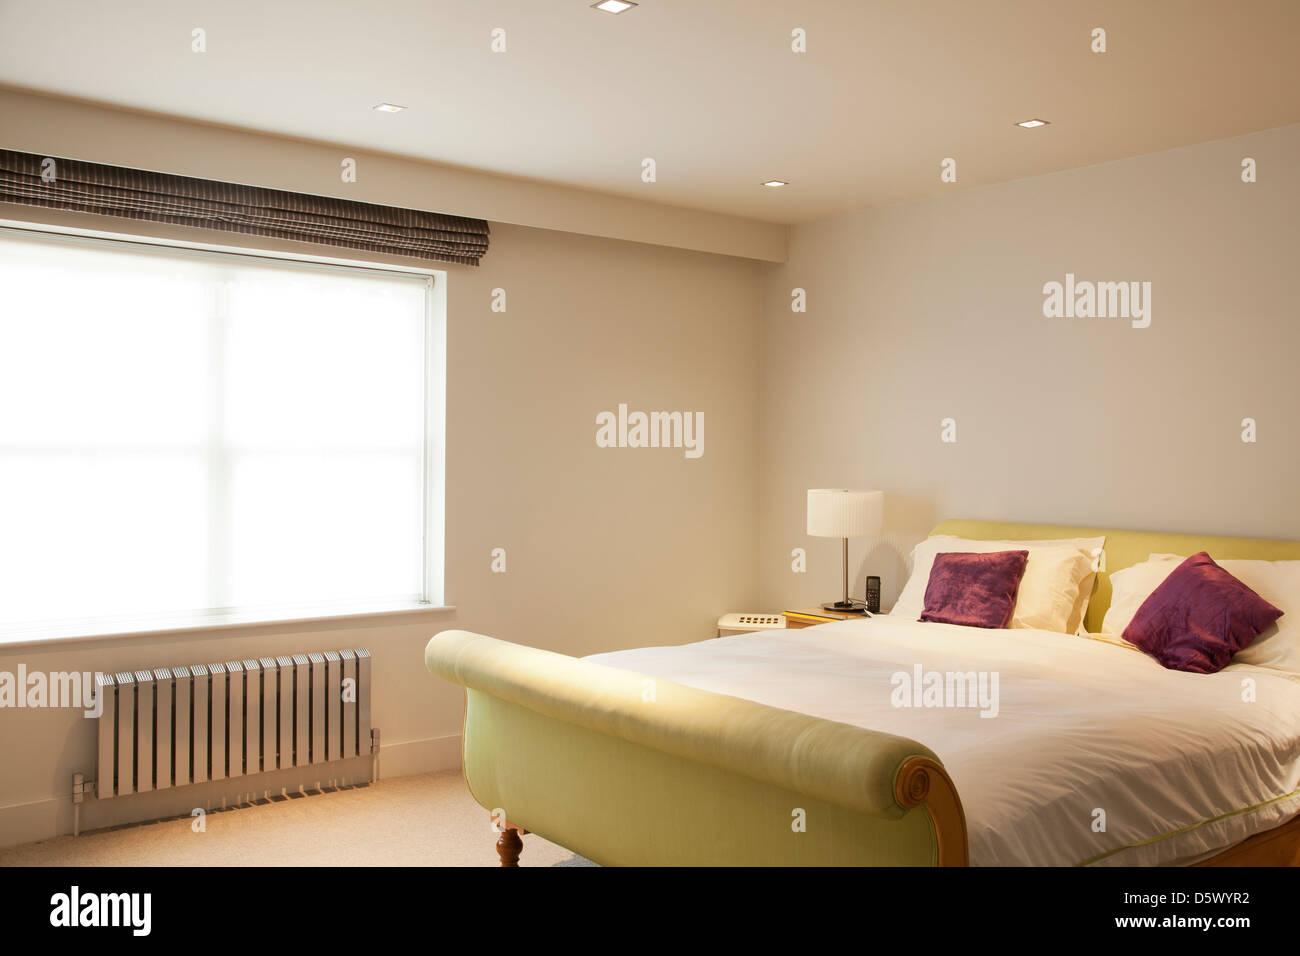 Bett und Heizkörper in modernen Schlafzimmer Stockfoto, Bild ...